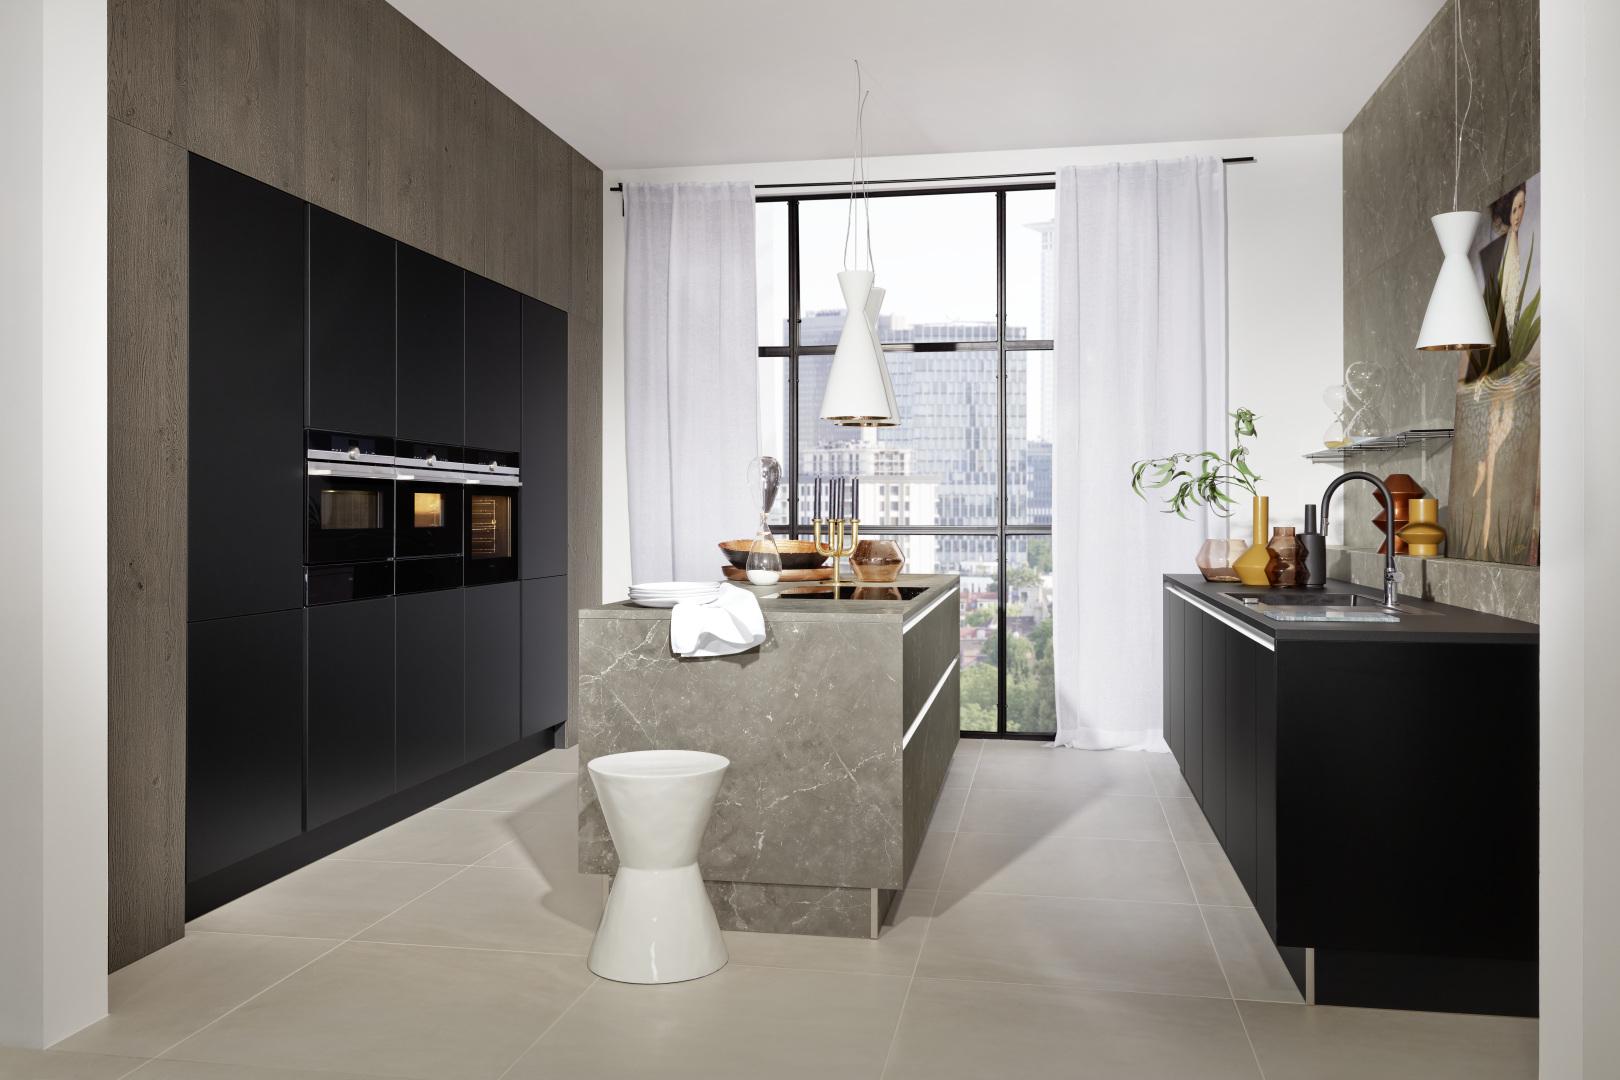 cuisine moderne équipée Manhattan - Marmor grau / Phoenix - Schwarz softmatt